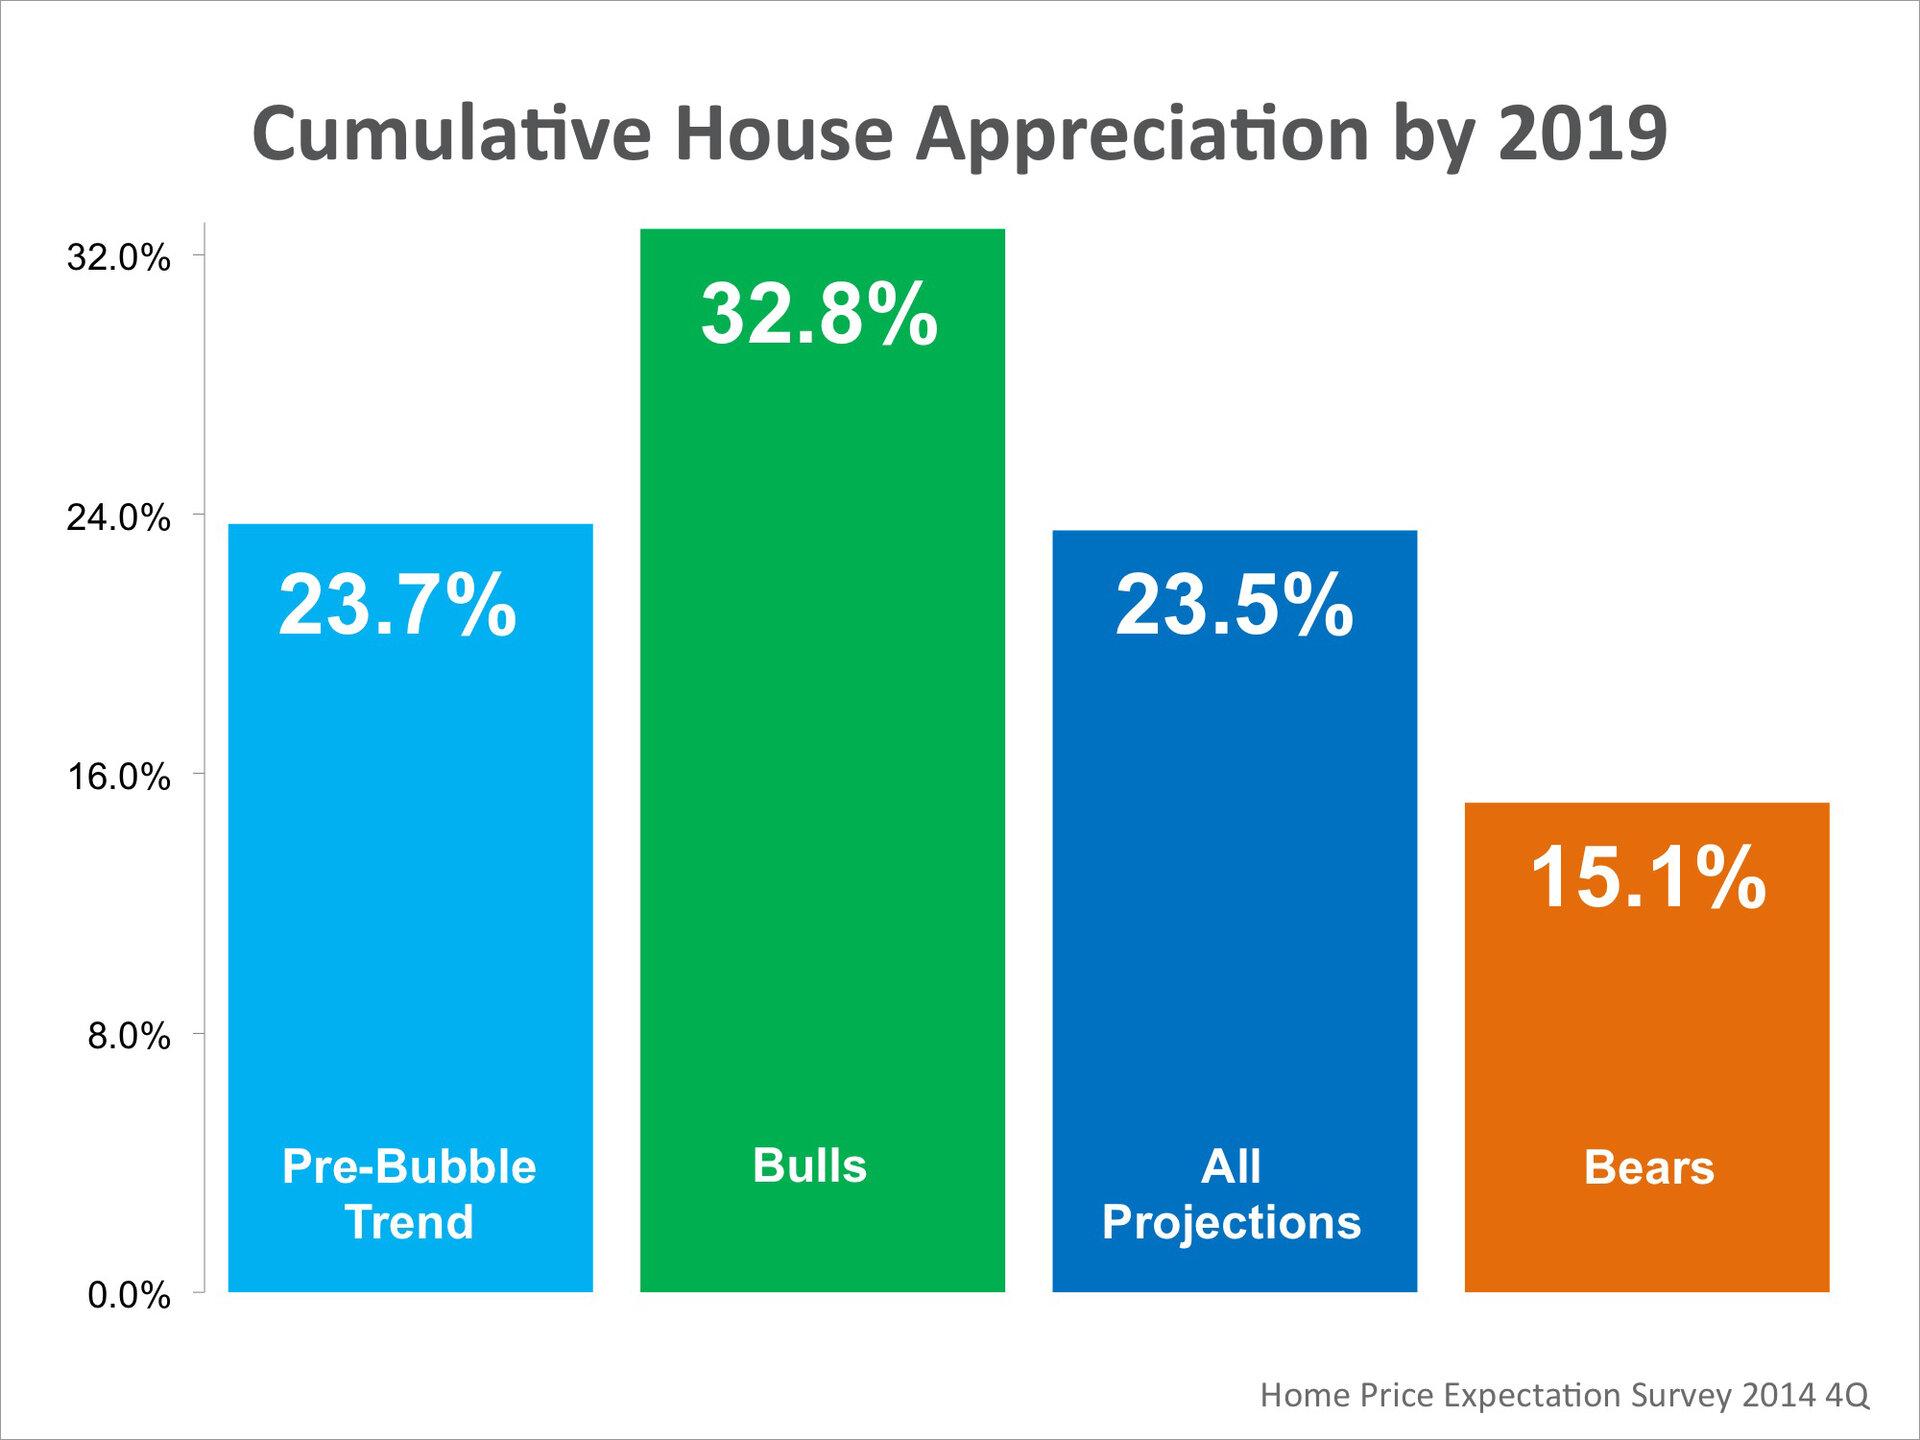 HPES Q4 Cumulative Appreciation 2019